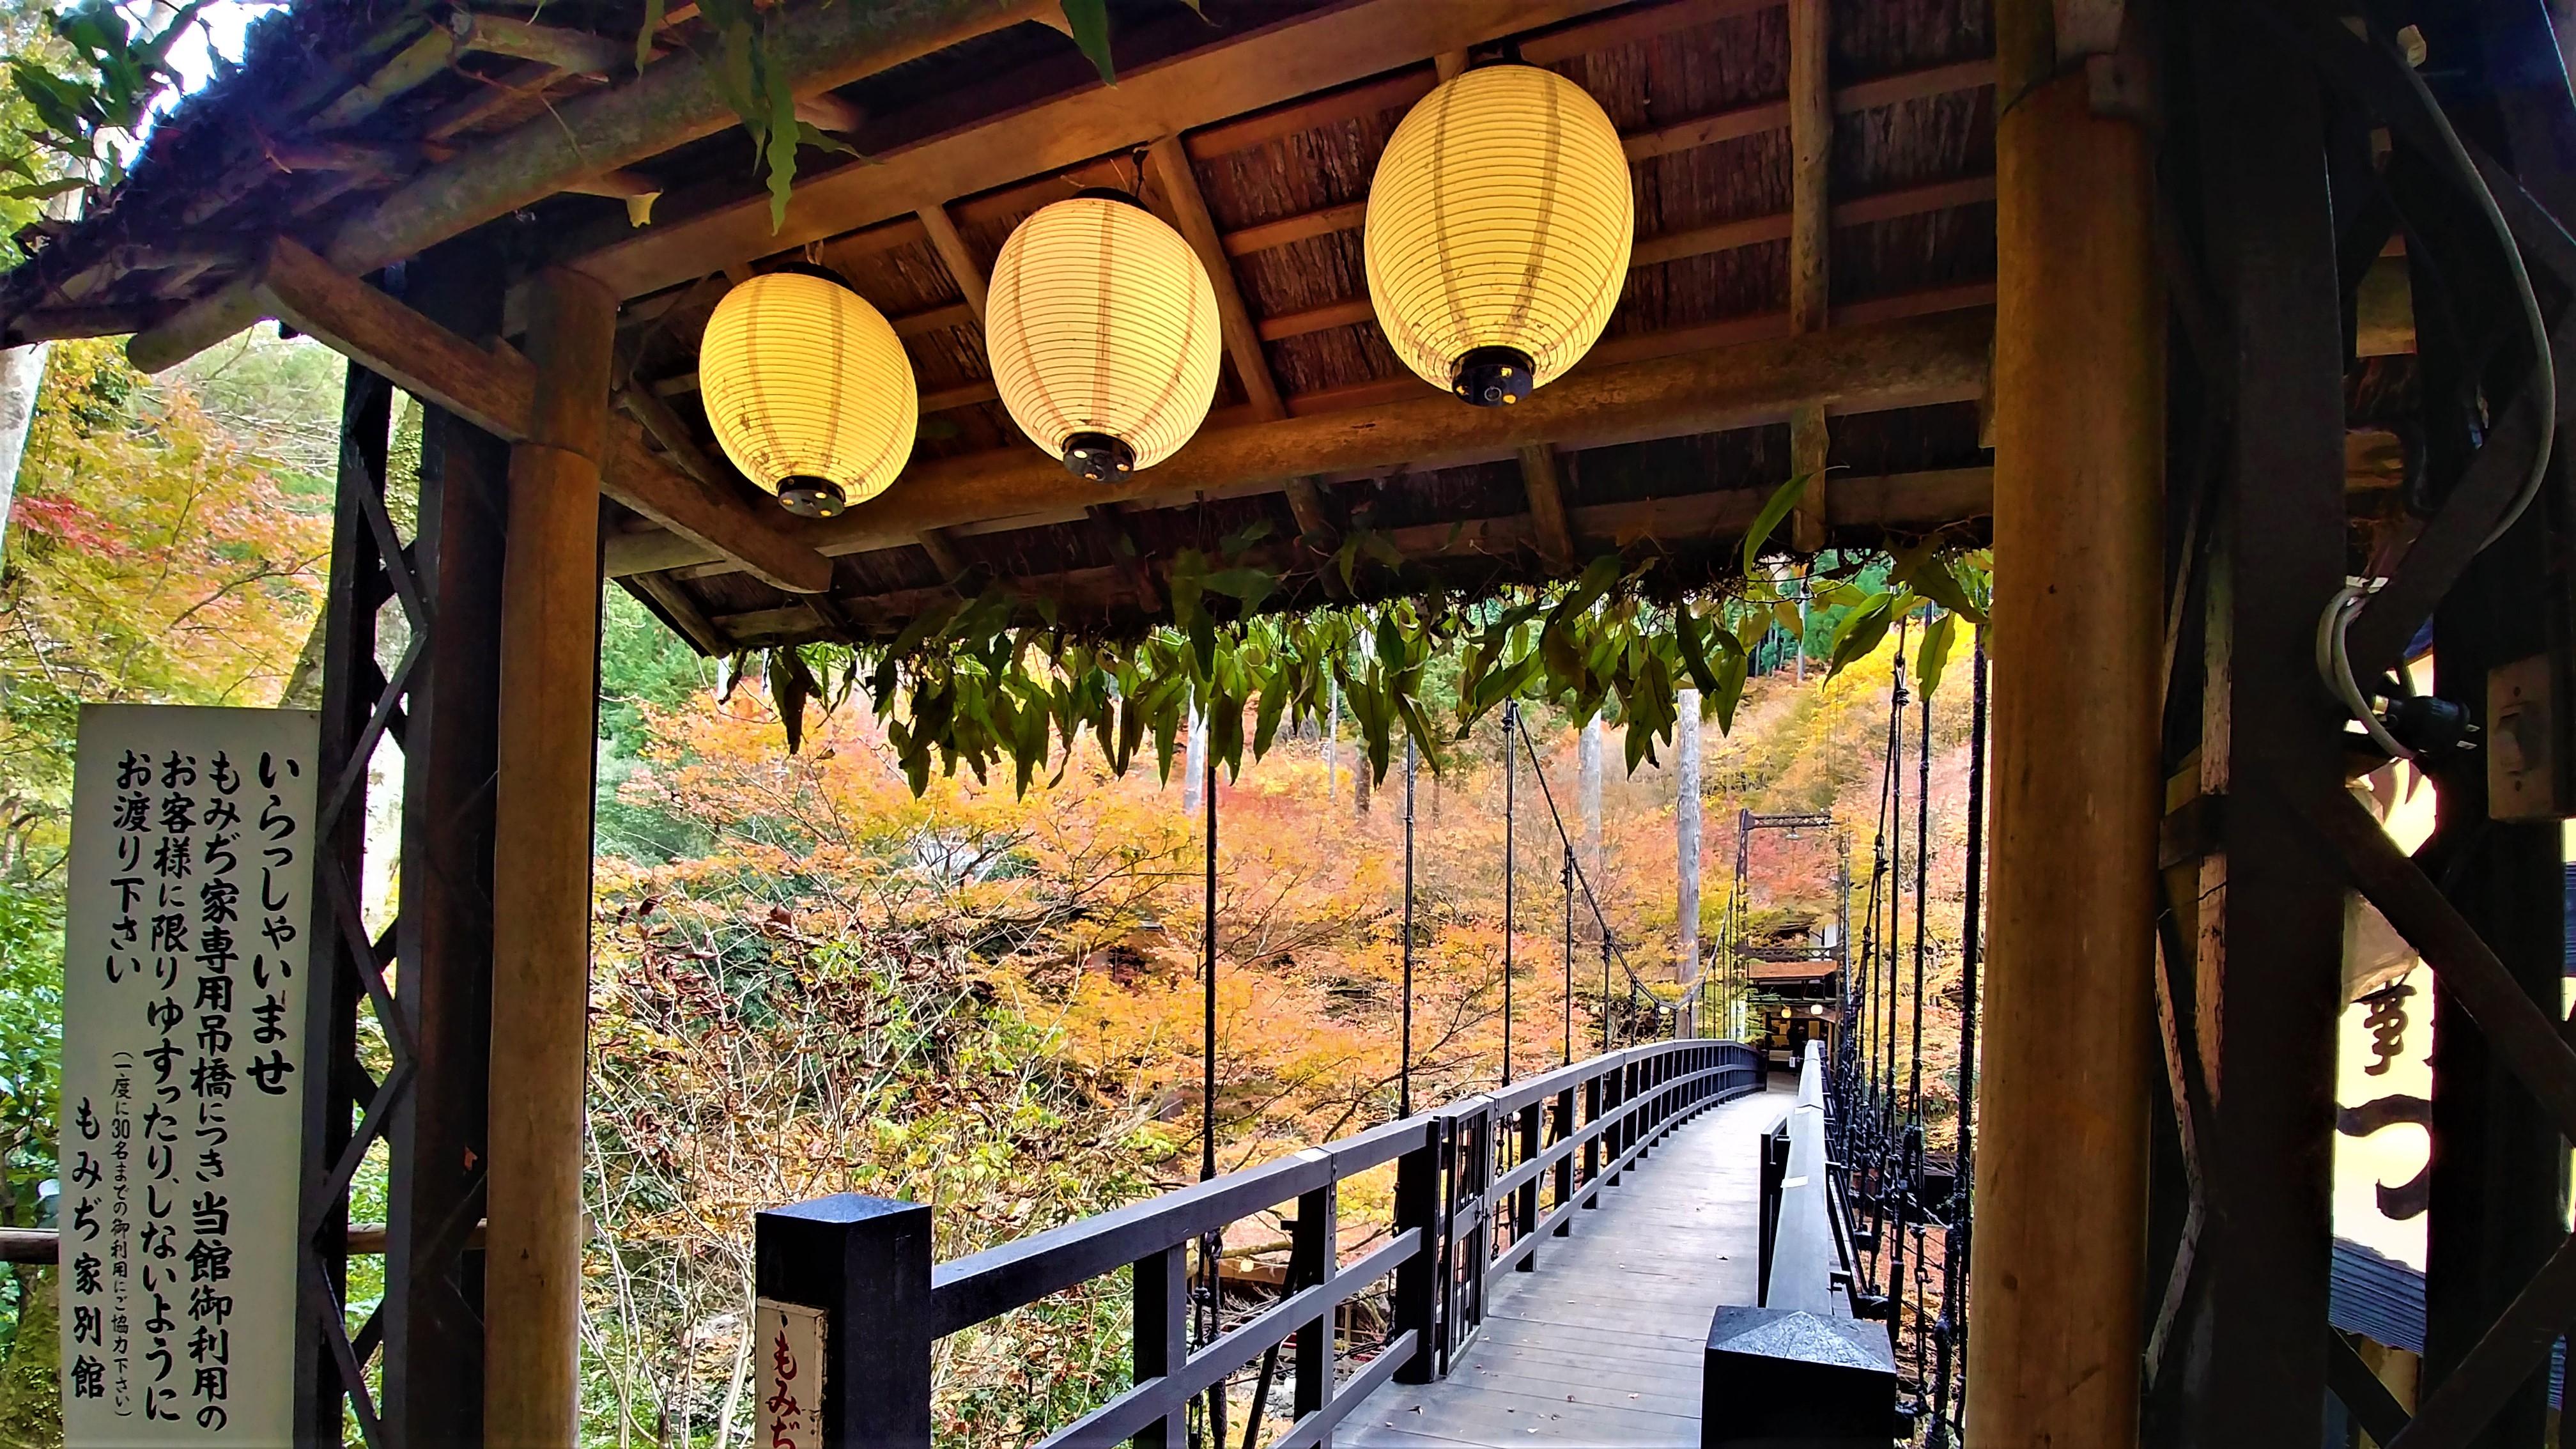 Togano kyoto momiji visiter automne blog voyage japon arpenter le chemin